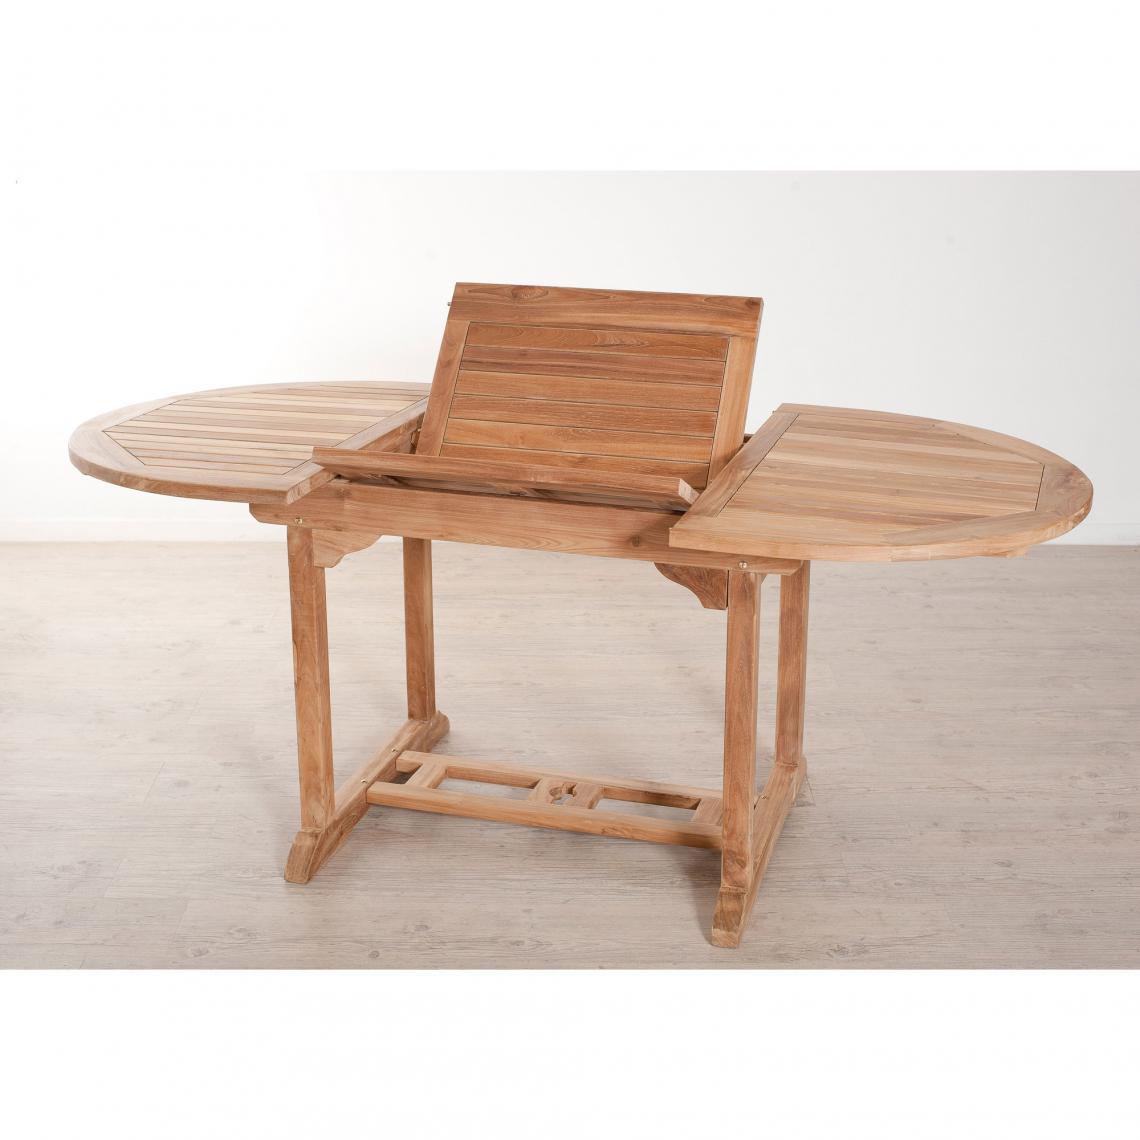 Table ovale extensible 4/6 personnes en teck massif - Teck | 3 SUISSES